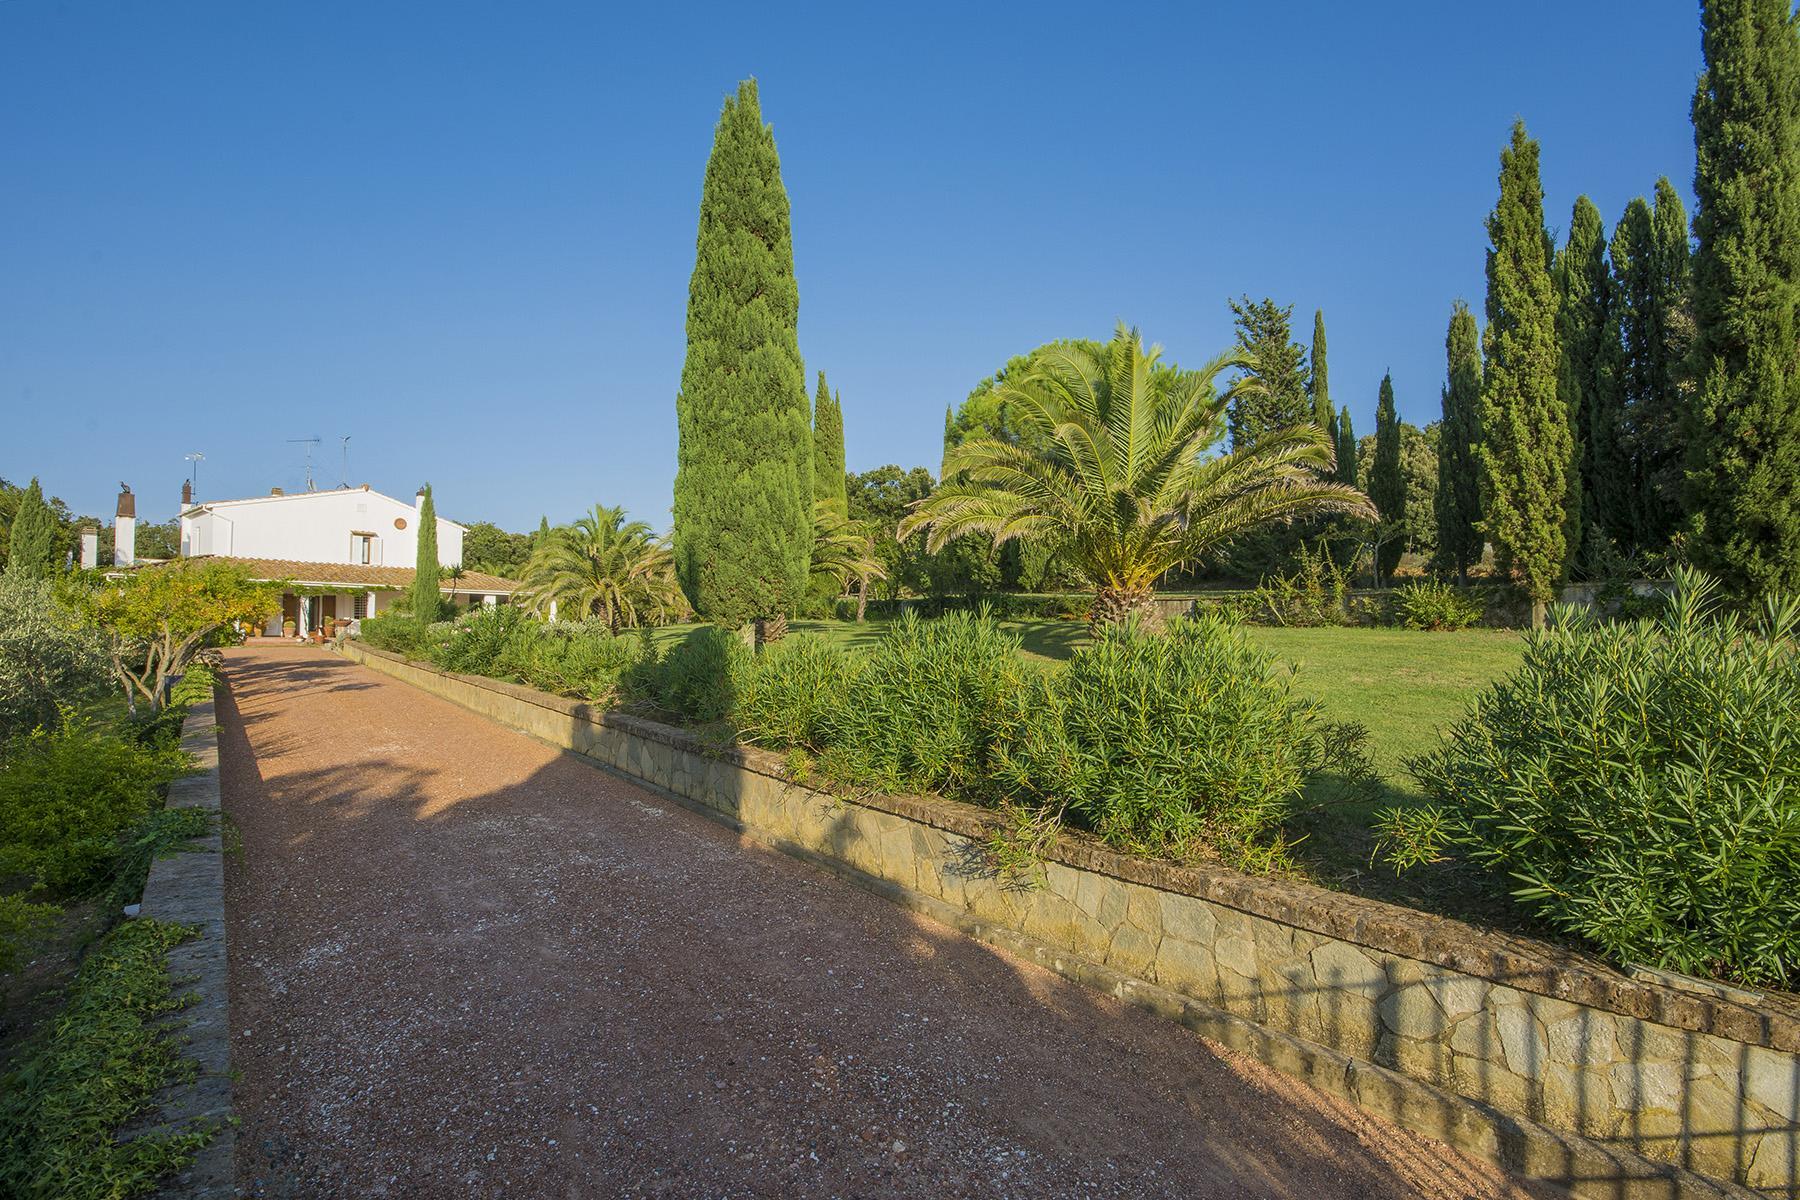 Villa in collina vista mare, nei pressi di Castiglioncello - 24